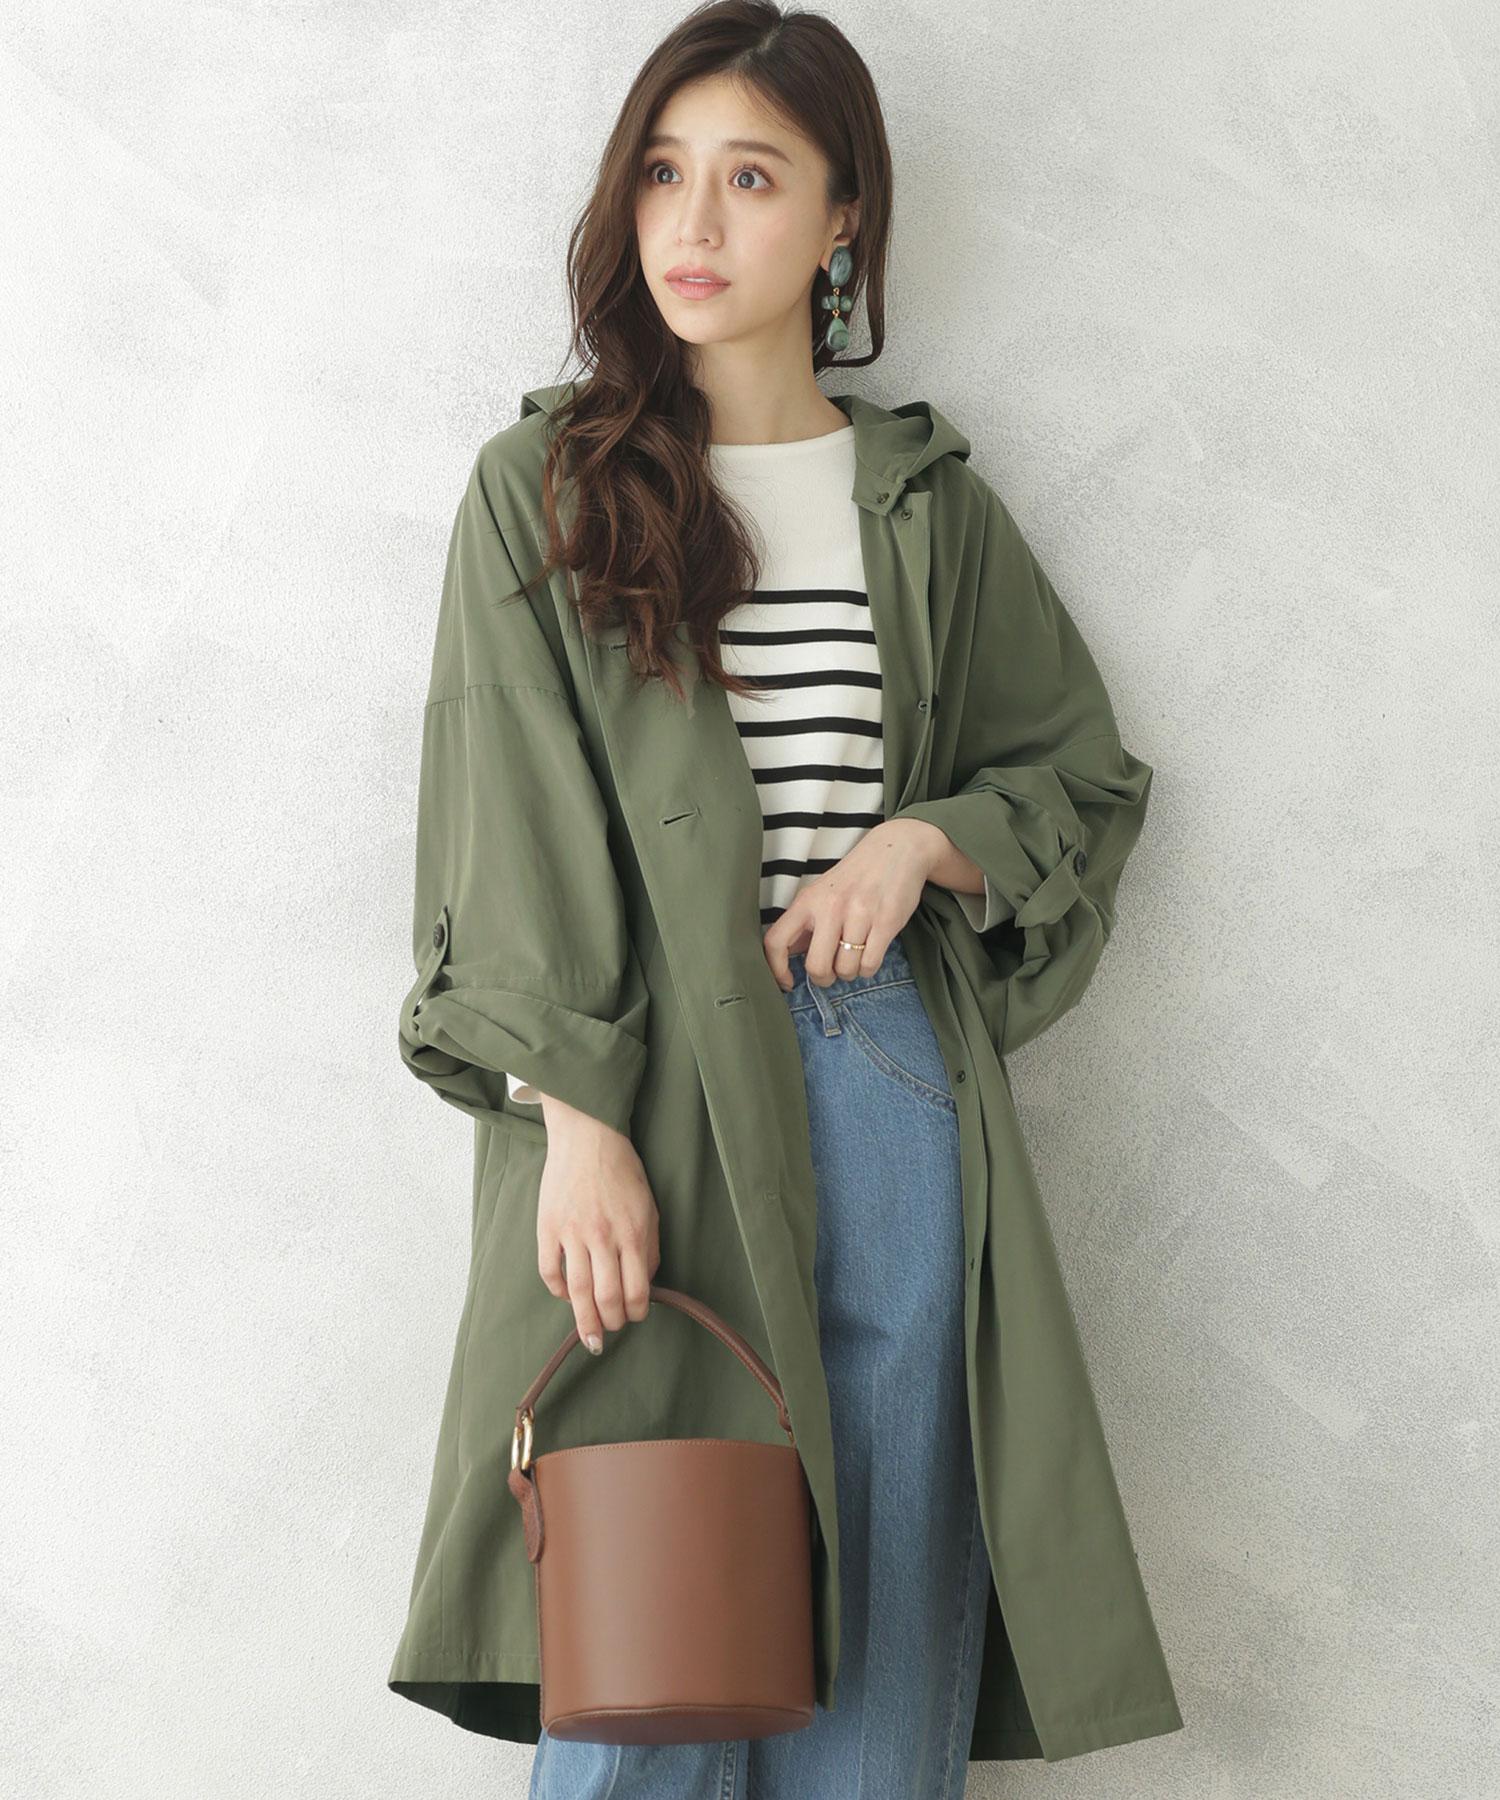 【WEB限定】2wayノーカラー&フードスプリングコート